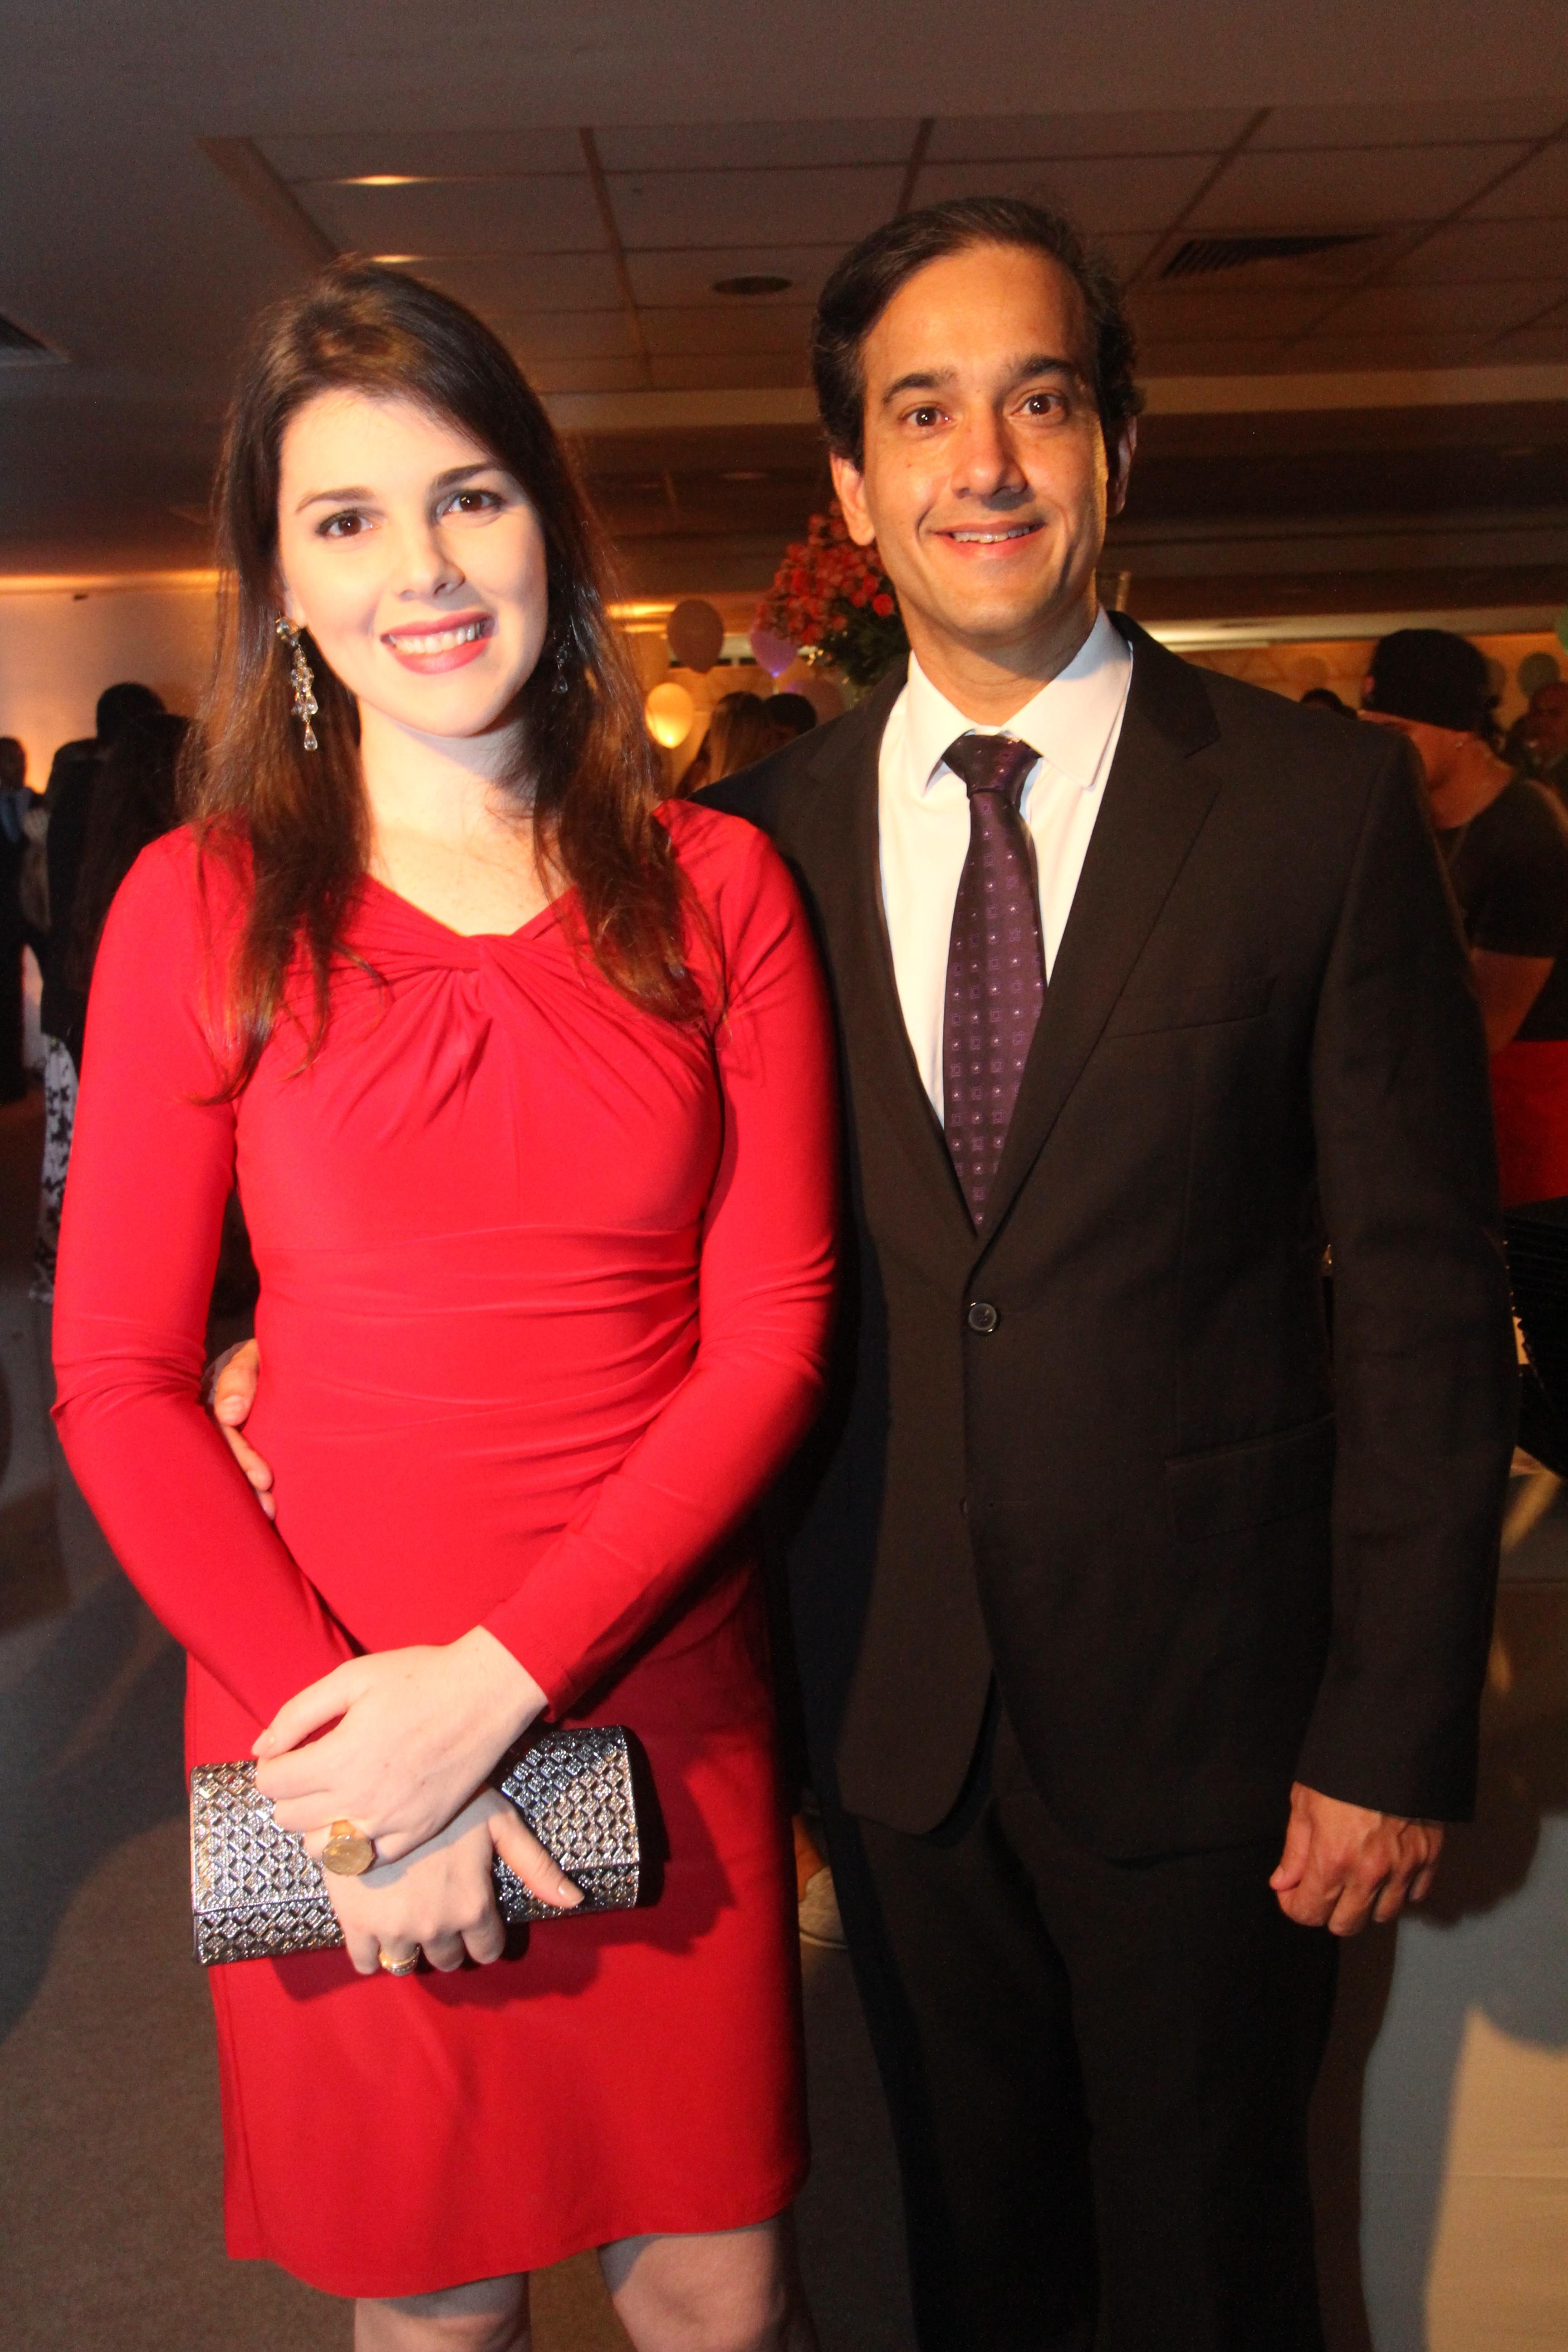 Lorena Guedes e Ronnie Duarte - Credito: Nando Chiappetta/DP